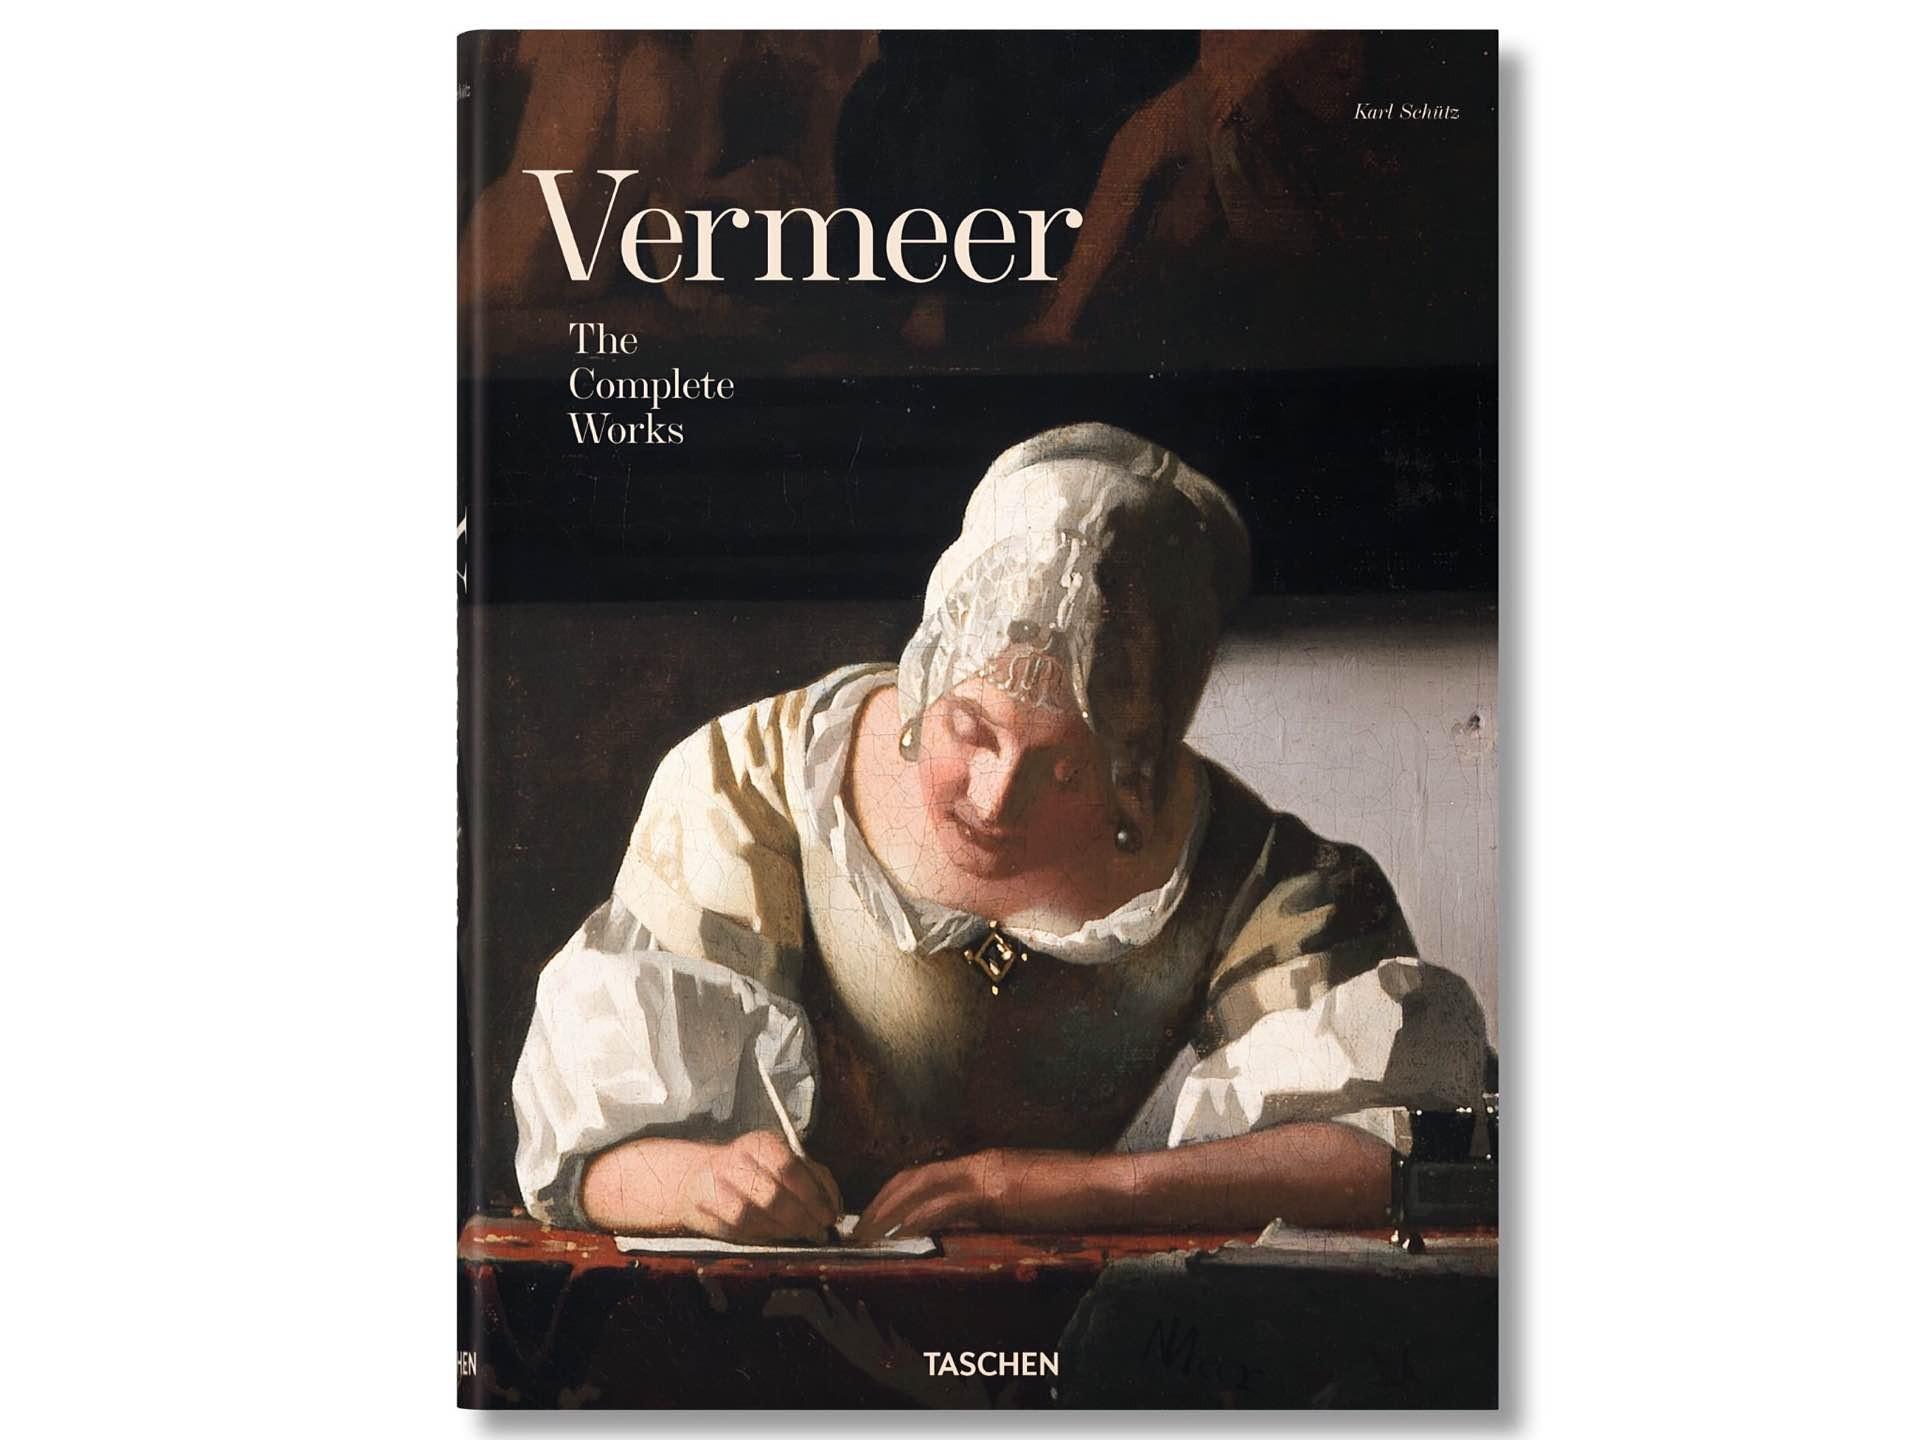 Vermeer: The Complete Works by Karl Schütz & Taschen.